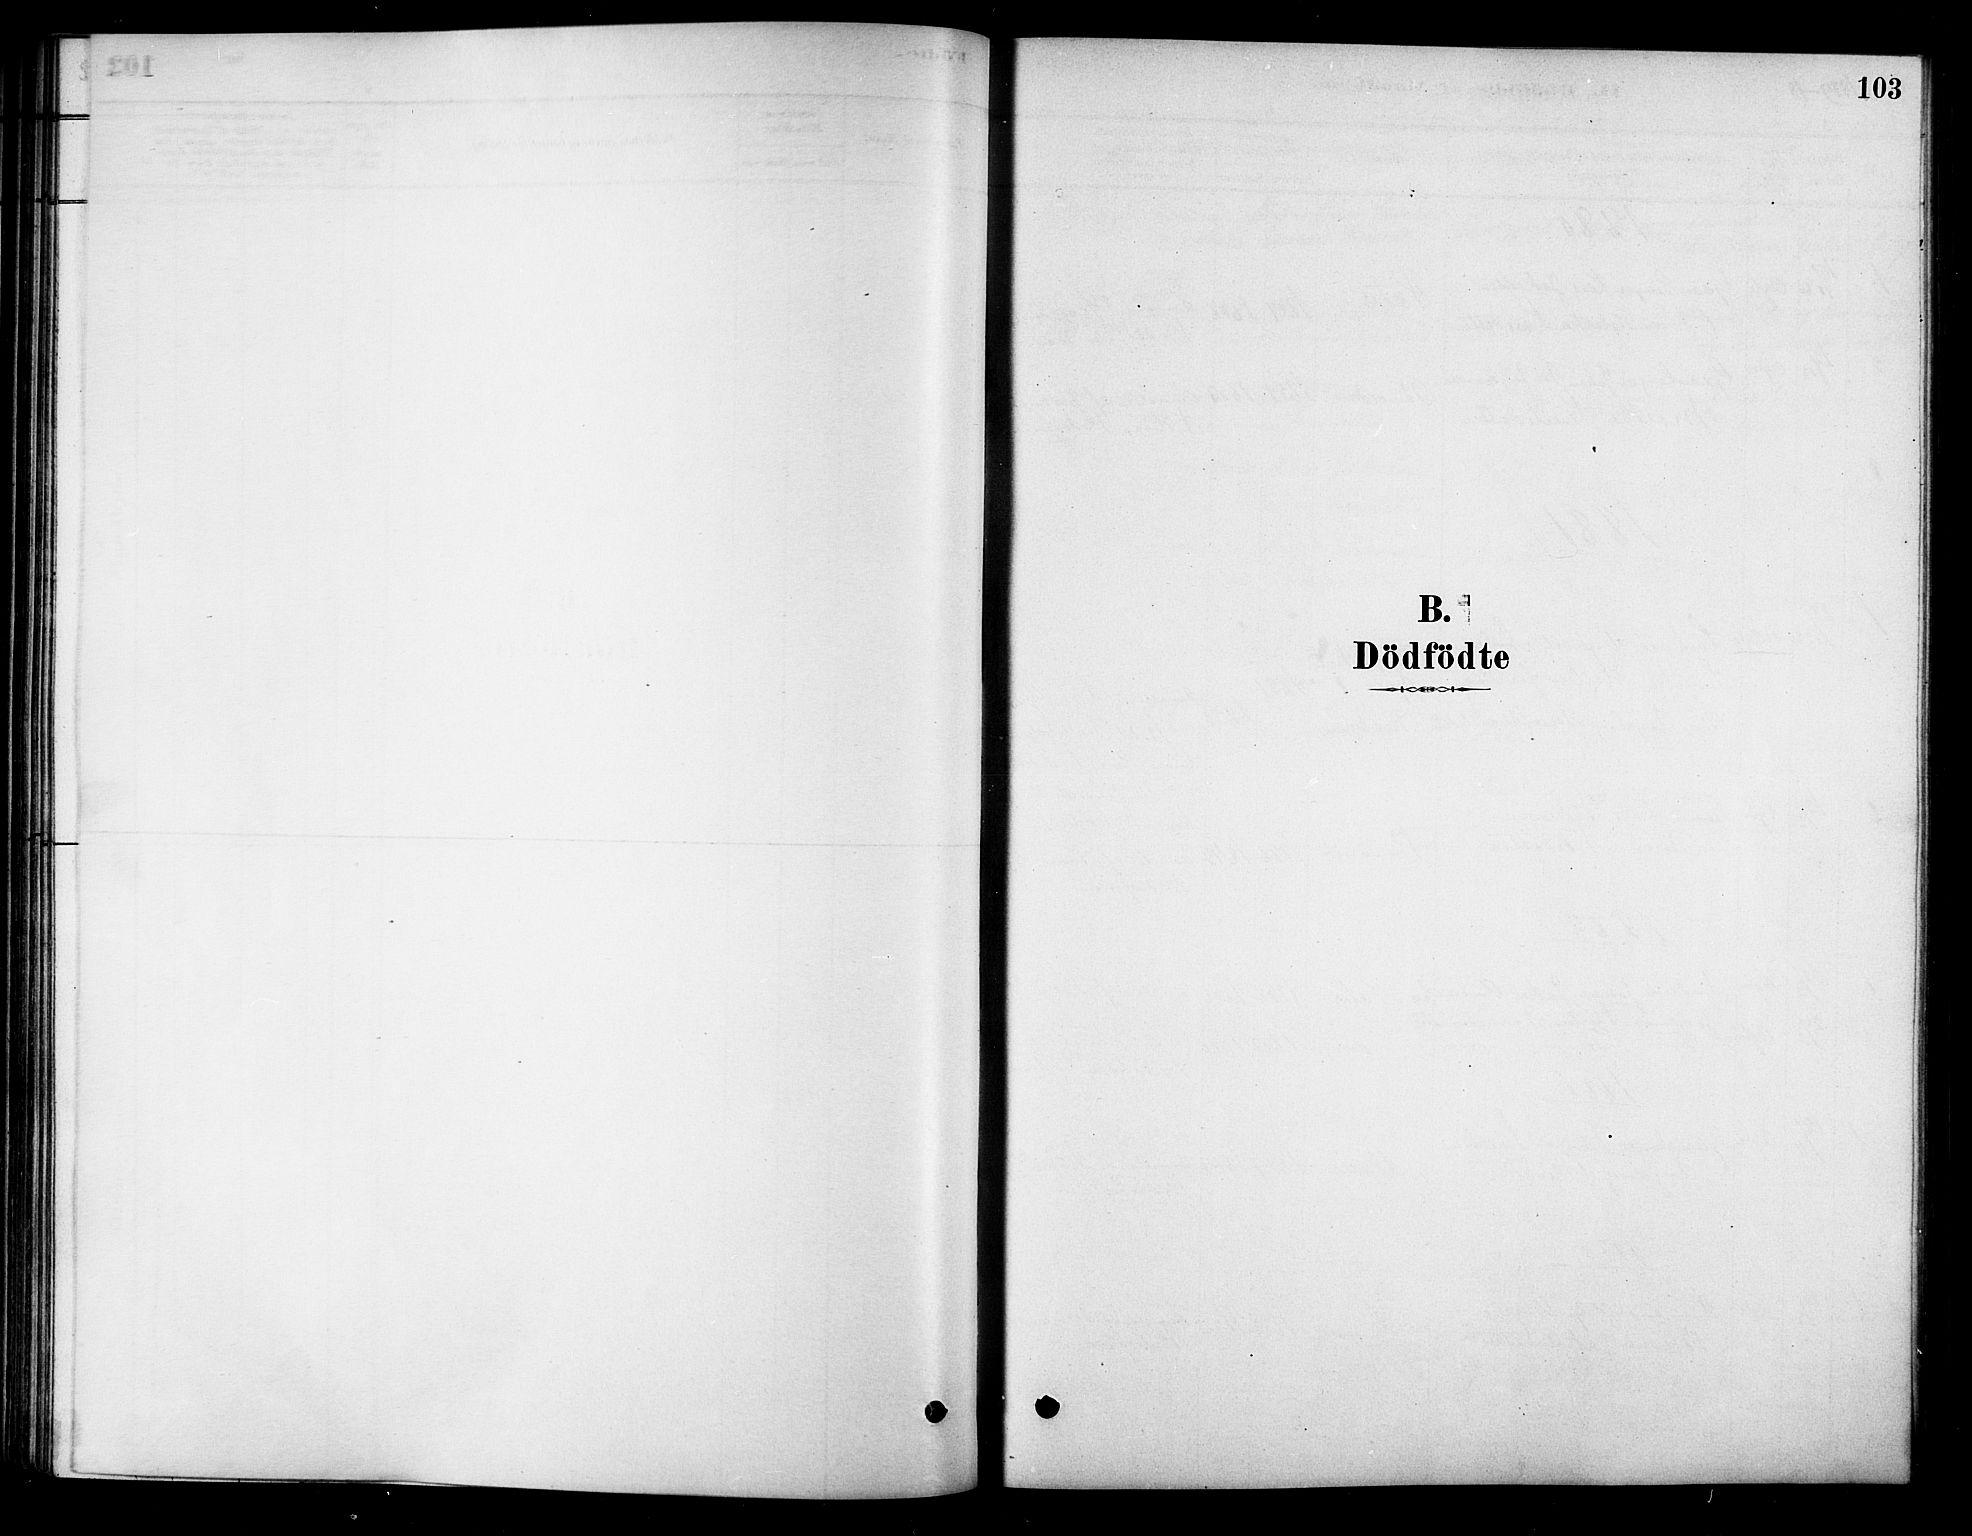 SAT, Ministerialprotokoller, klokkerbøker og fødselsregistre - Sør-Trøndelag, 658/L0722: Ministerialbok nr. 658A01, 1879-1896, s. 103